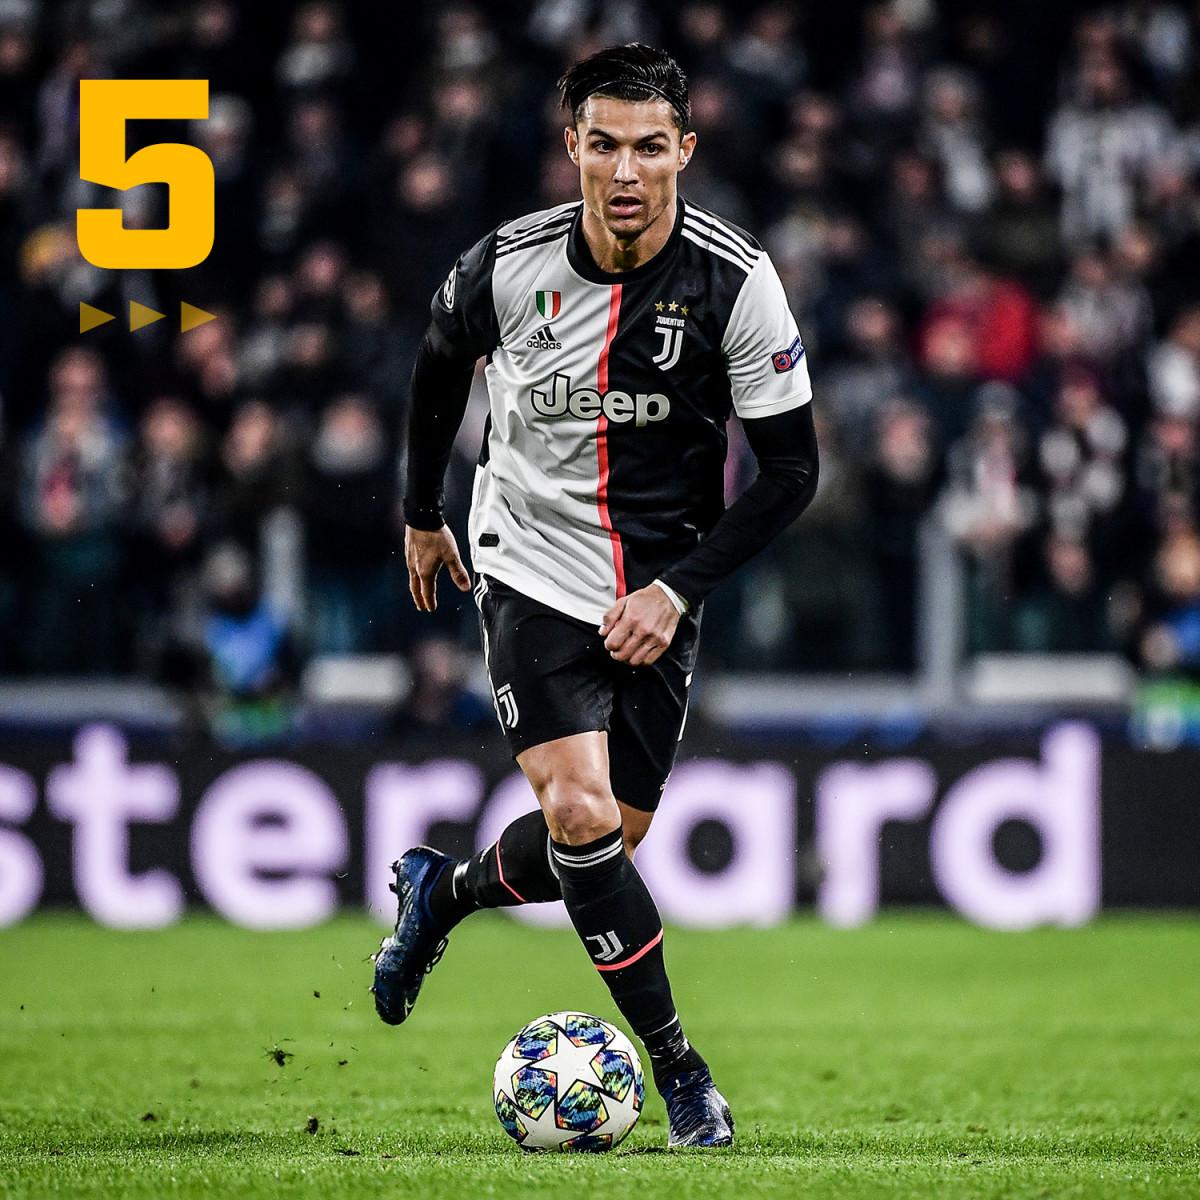 Cristiano_Ronaldo_01_GRAPHIC_M5